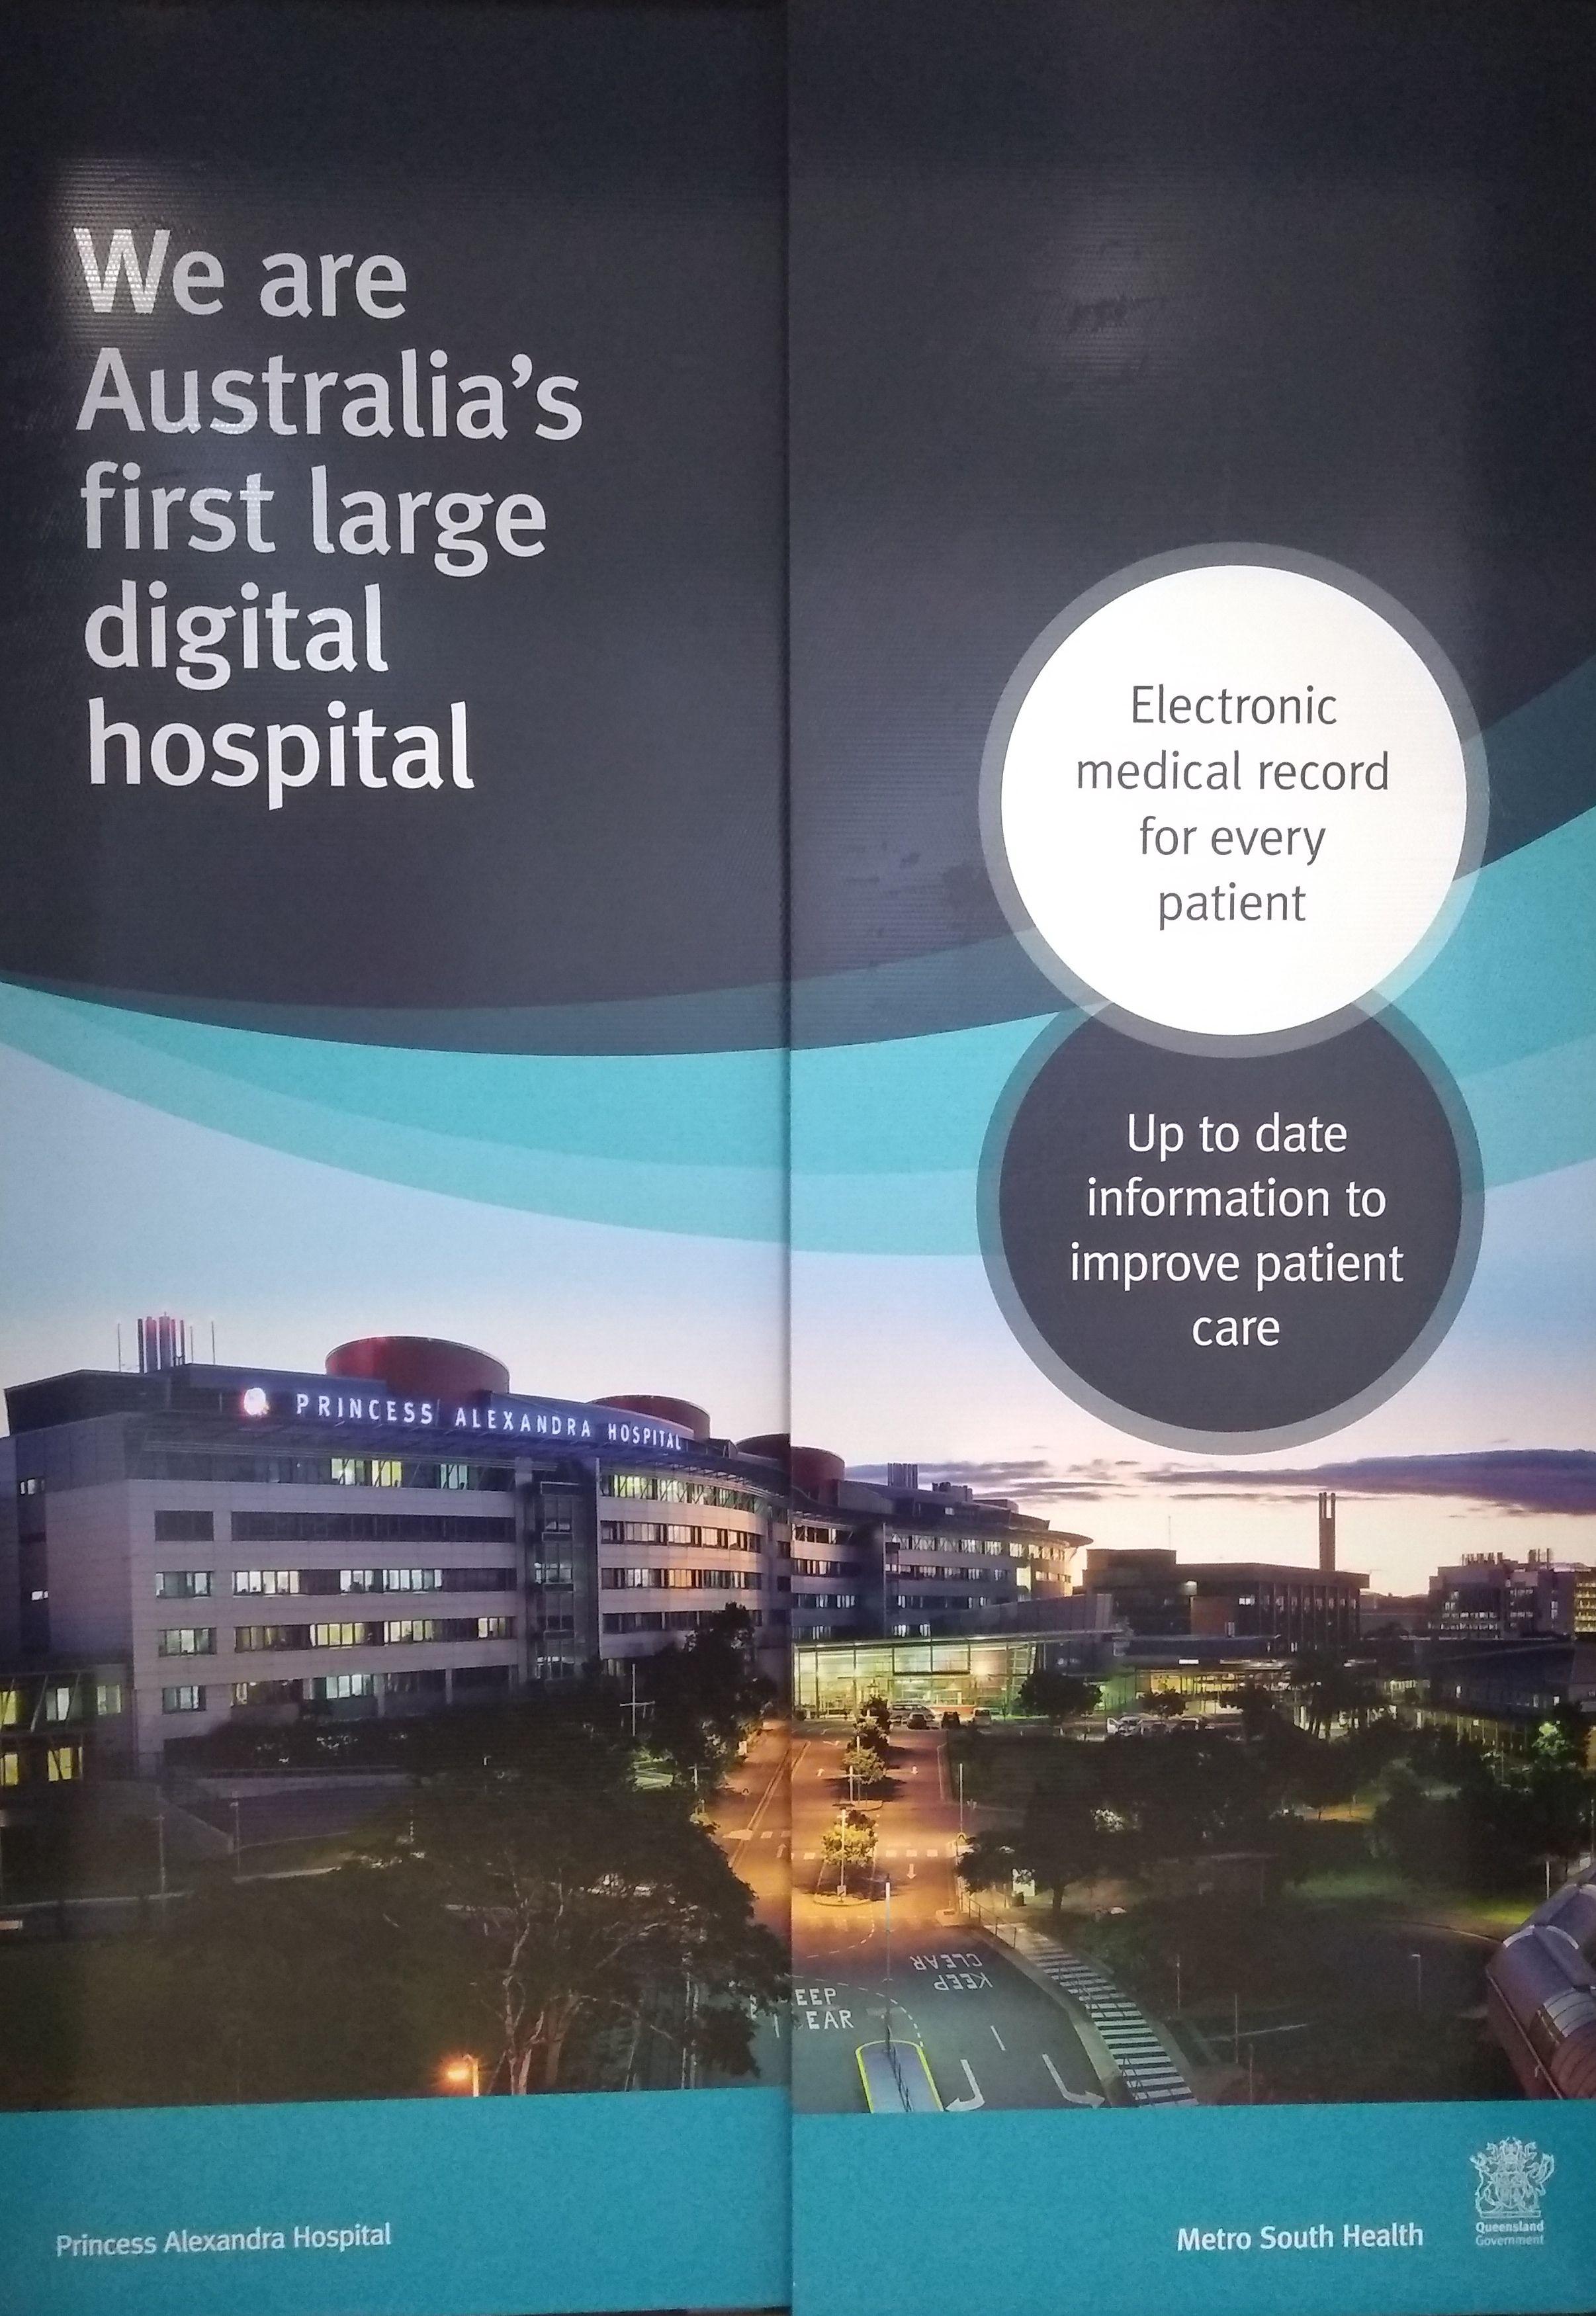 Digital hospitals – the verdict so far